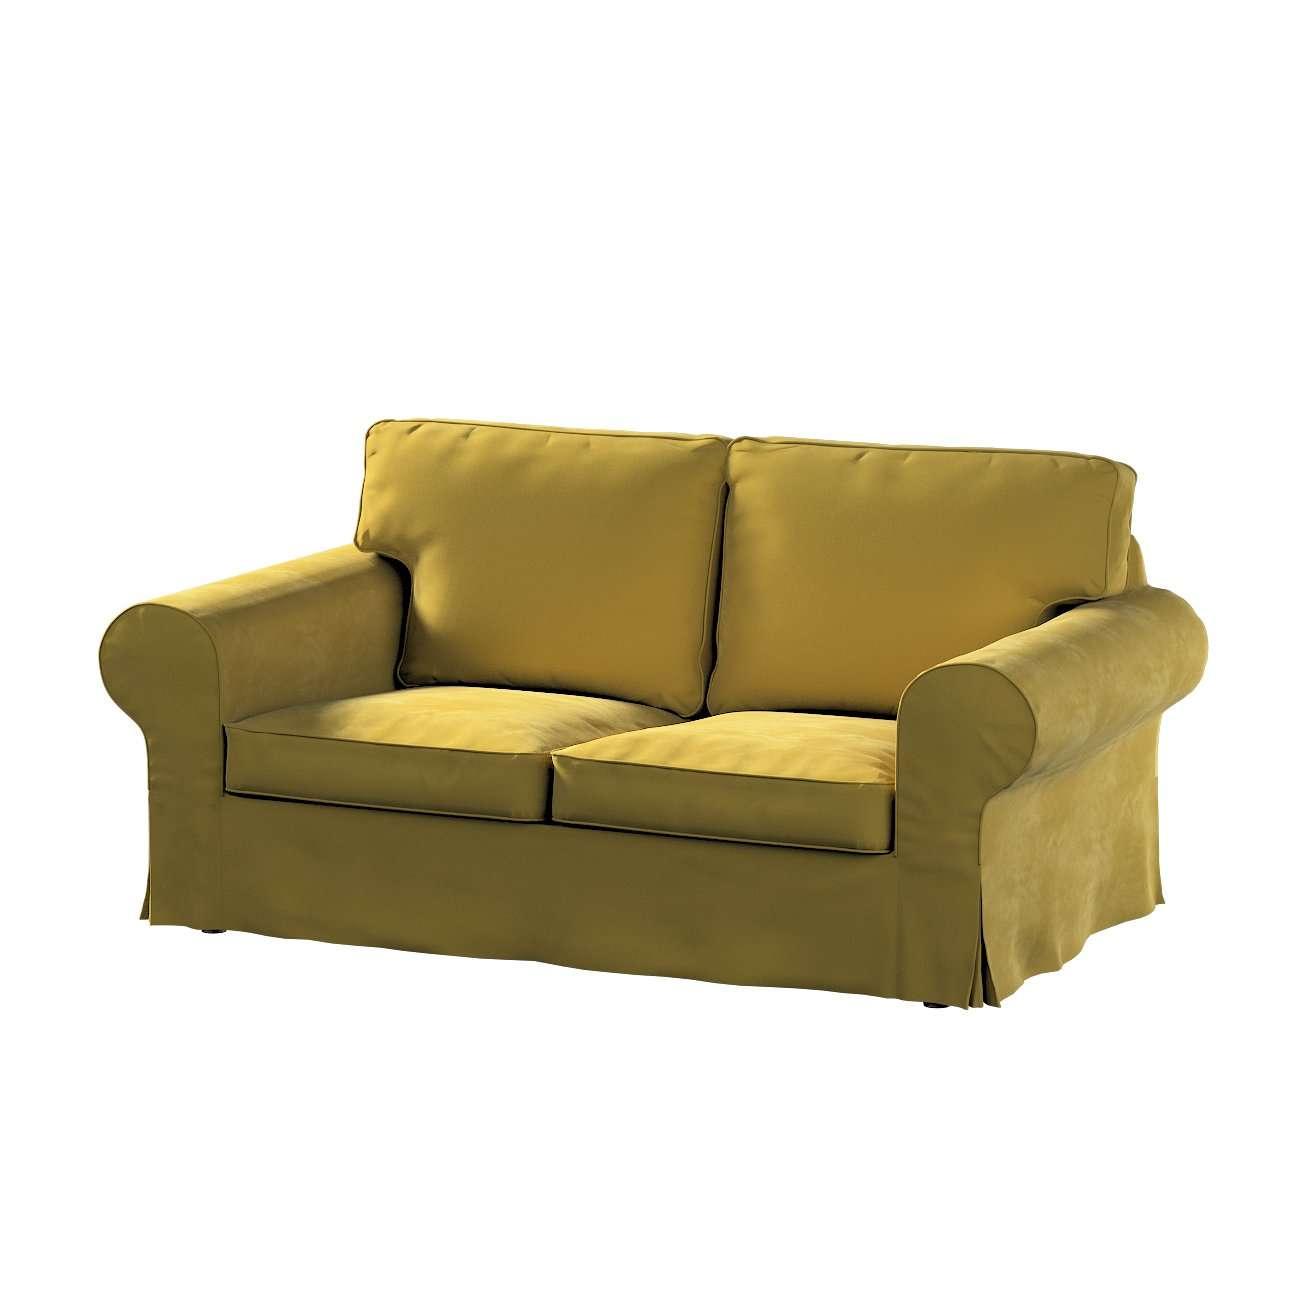 Pokrowiec na sofę Ektorp 2-osobową, rozkładaną, model do 2012 w kolekcji Velvet, tkanina: 704-27